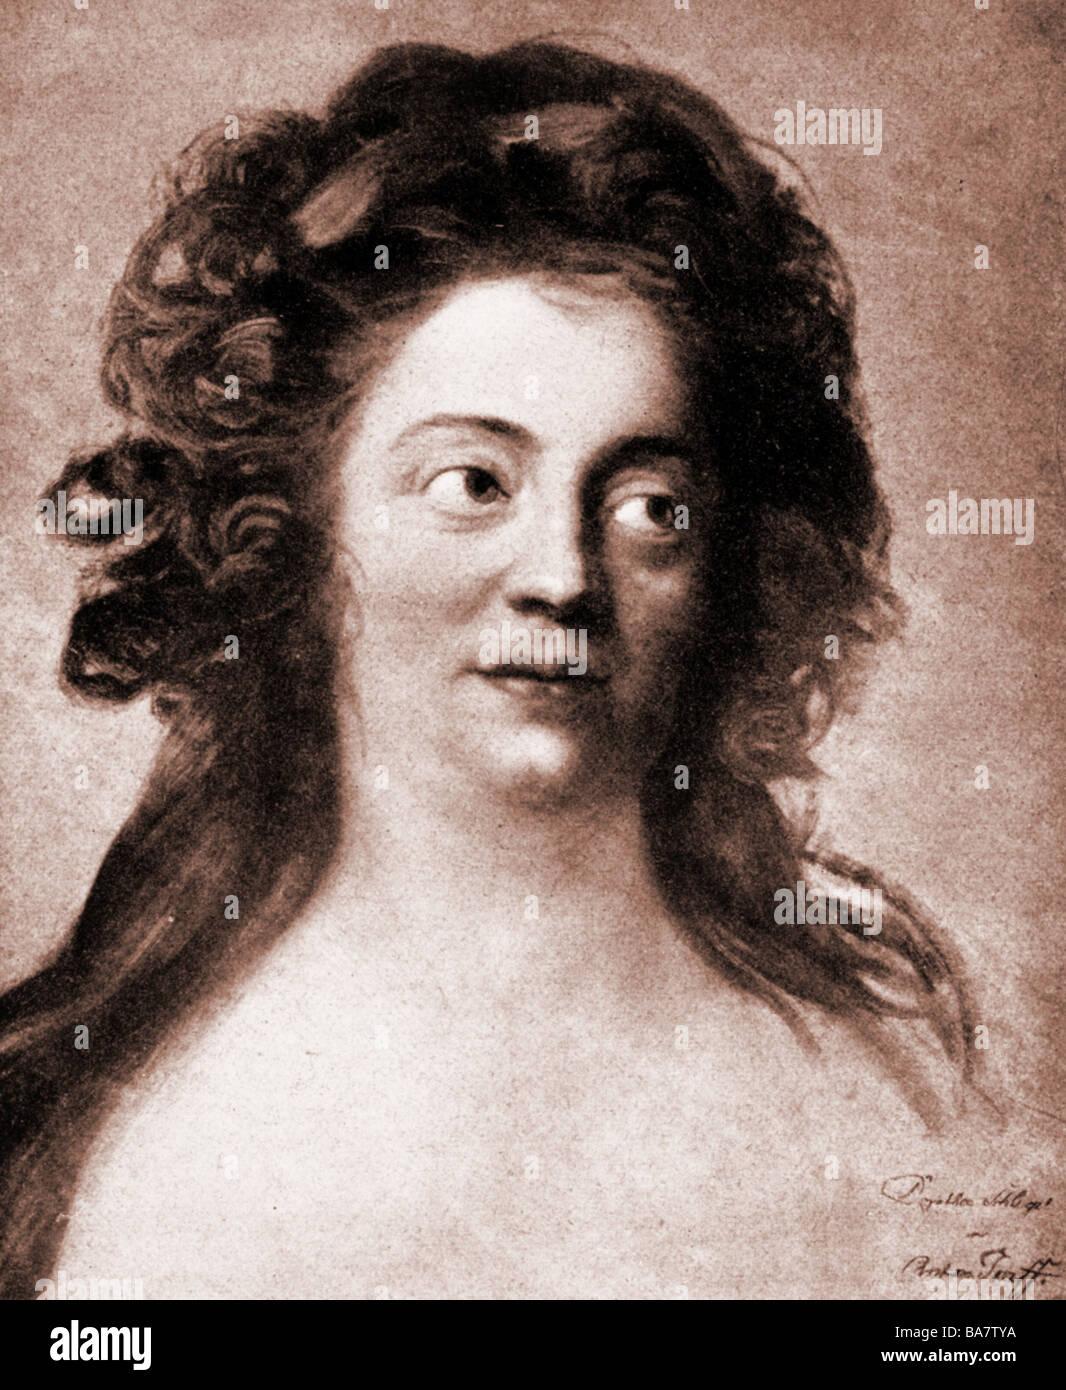 Schlegel, Dorothea Friederike, 24.10.1763 - 3.8.1839, autor / escritor alemán, retrato, después de pintar por Anton Foto de stock